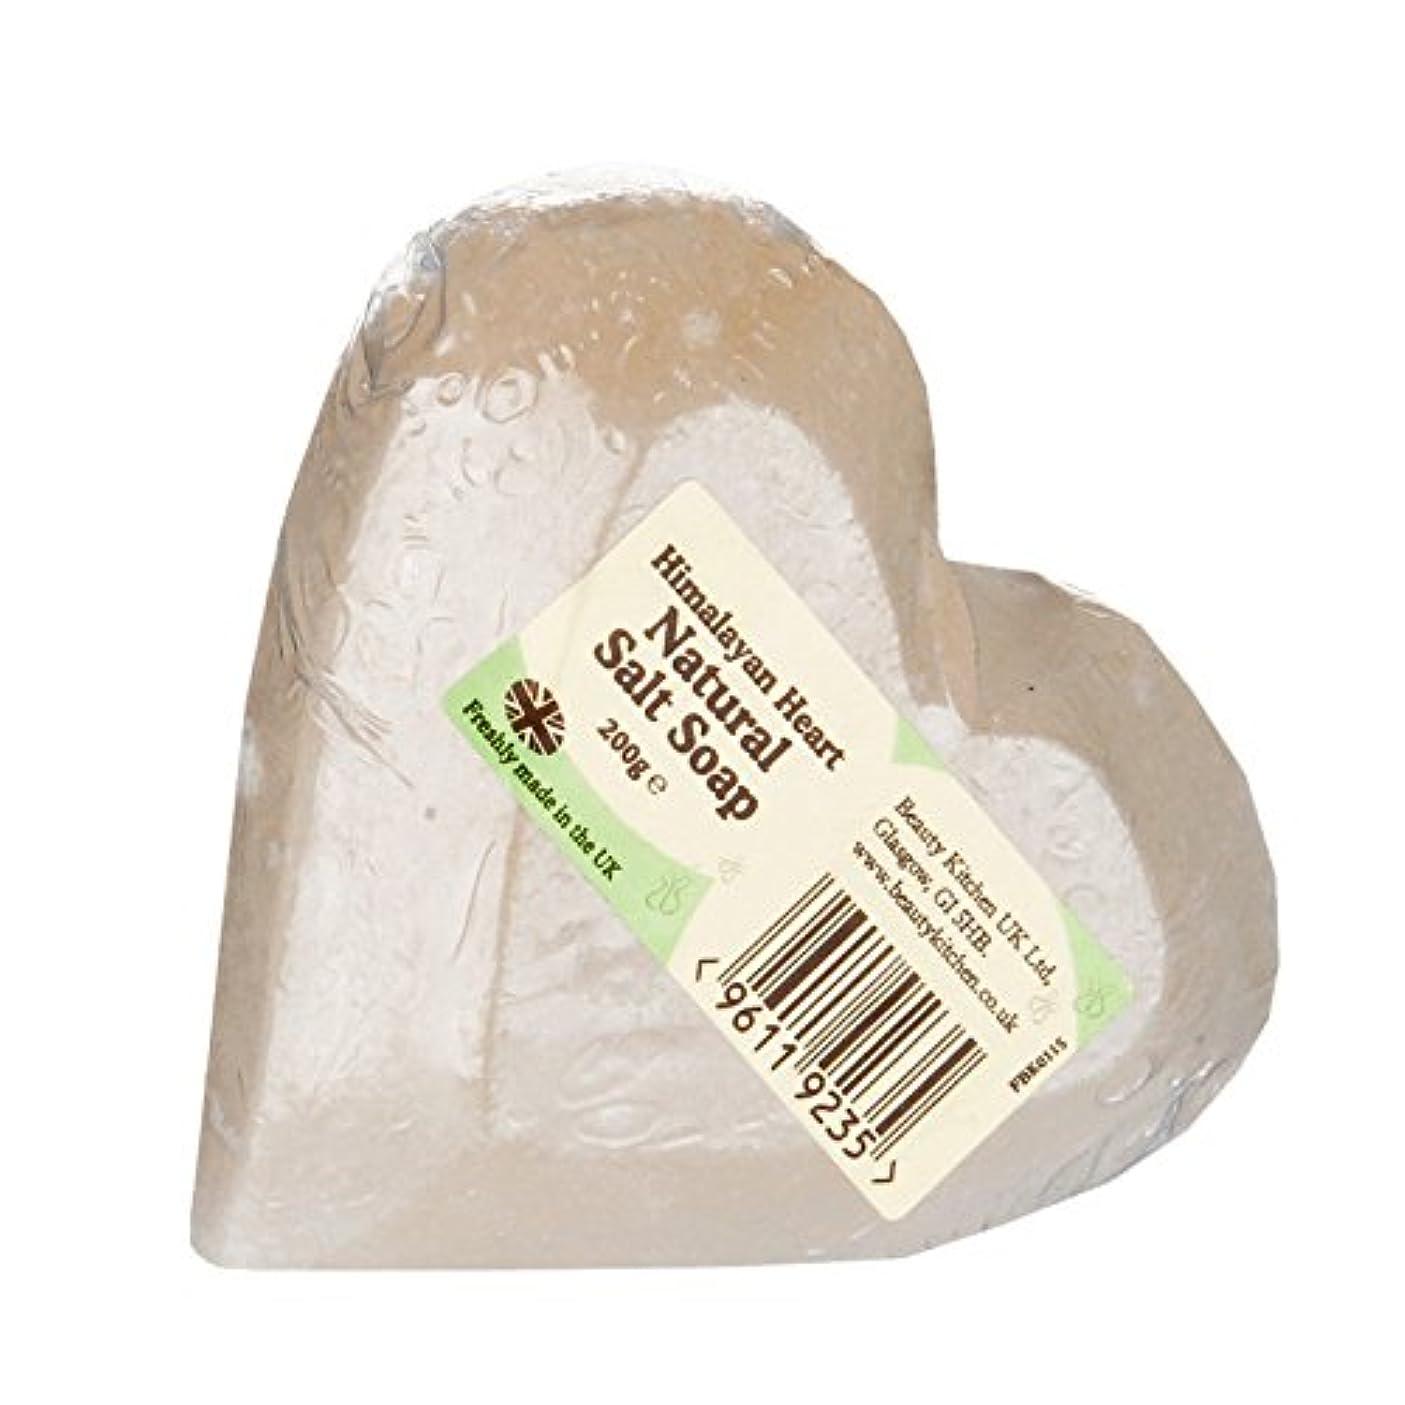 追記東ティモール雪美容キッチンヒマラヤンハートソープ200グラム - Beauty Kitchen Himalayan Heart Soap 200g (Beauty Kitchen) [並行輸入品]